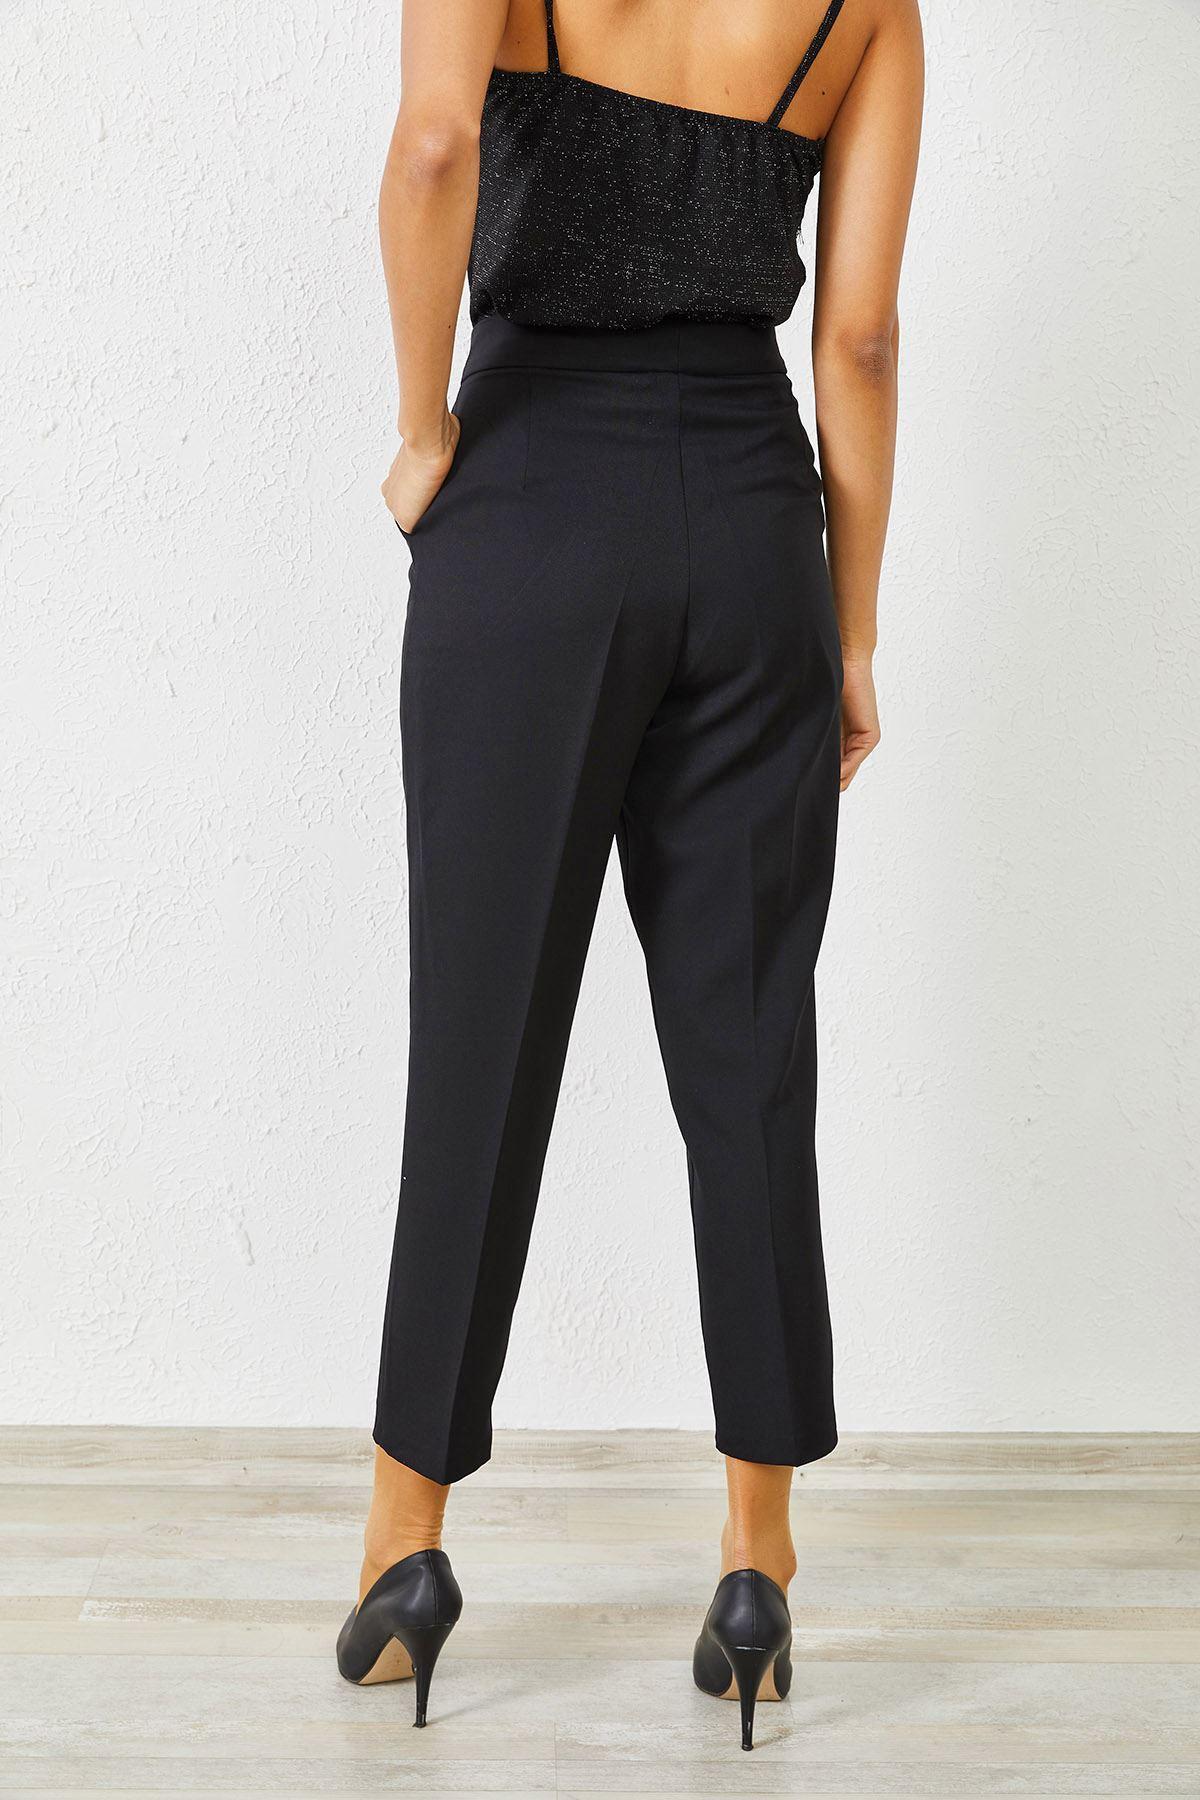 Kadın Klasik Siyah Kalem Pantolon